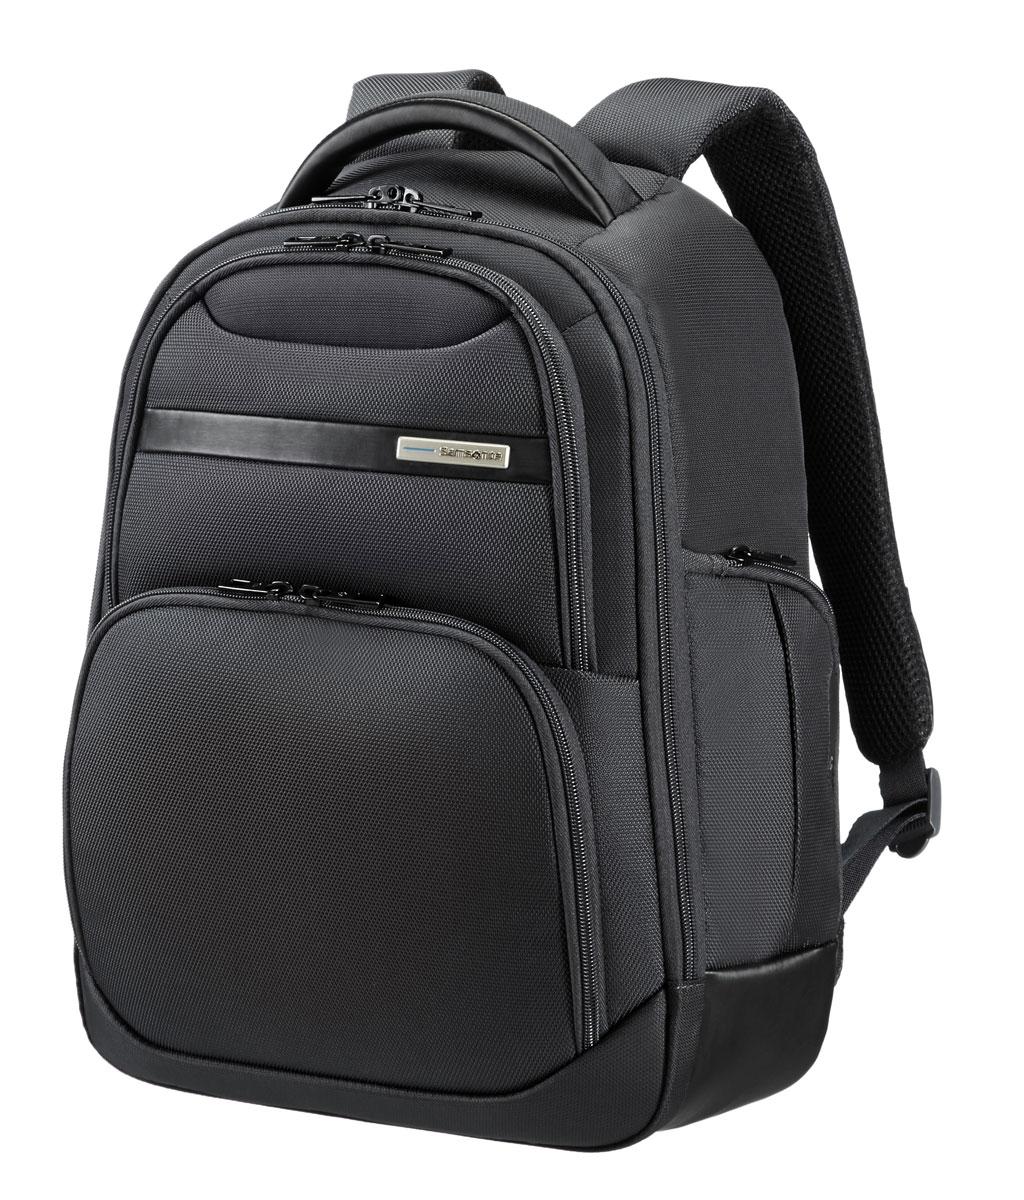 Рюкзак для ноутбука Samsonite Guardit, цвет: черный, 15 л, 31,5 х 17,5 х 42 см39V*09007Рюкзак для ноутбука Samsonite Guardit до 14 изготовлен из полиэстера. Коллекция Guardit является идеальным решением для пользователей ноутбуков,объединяет в себе базовую функциональность с отличным внешним видом. Особенности коллекции: передний карман с внутренней организацией,умный карман, верхняя ручка с прокладкой из неопрена.Размер рюкзака: 31,5 х 17,5 х 42 смОбъем рюкзака: 15 л.